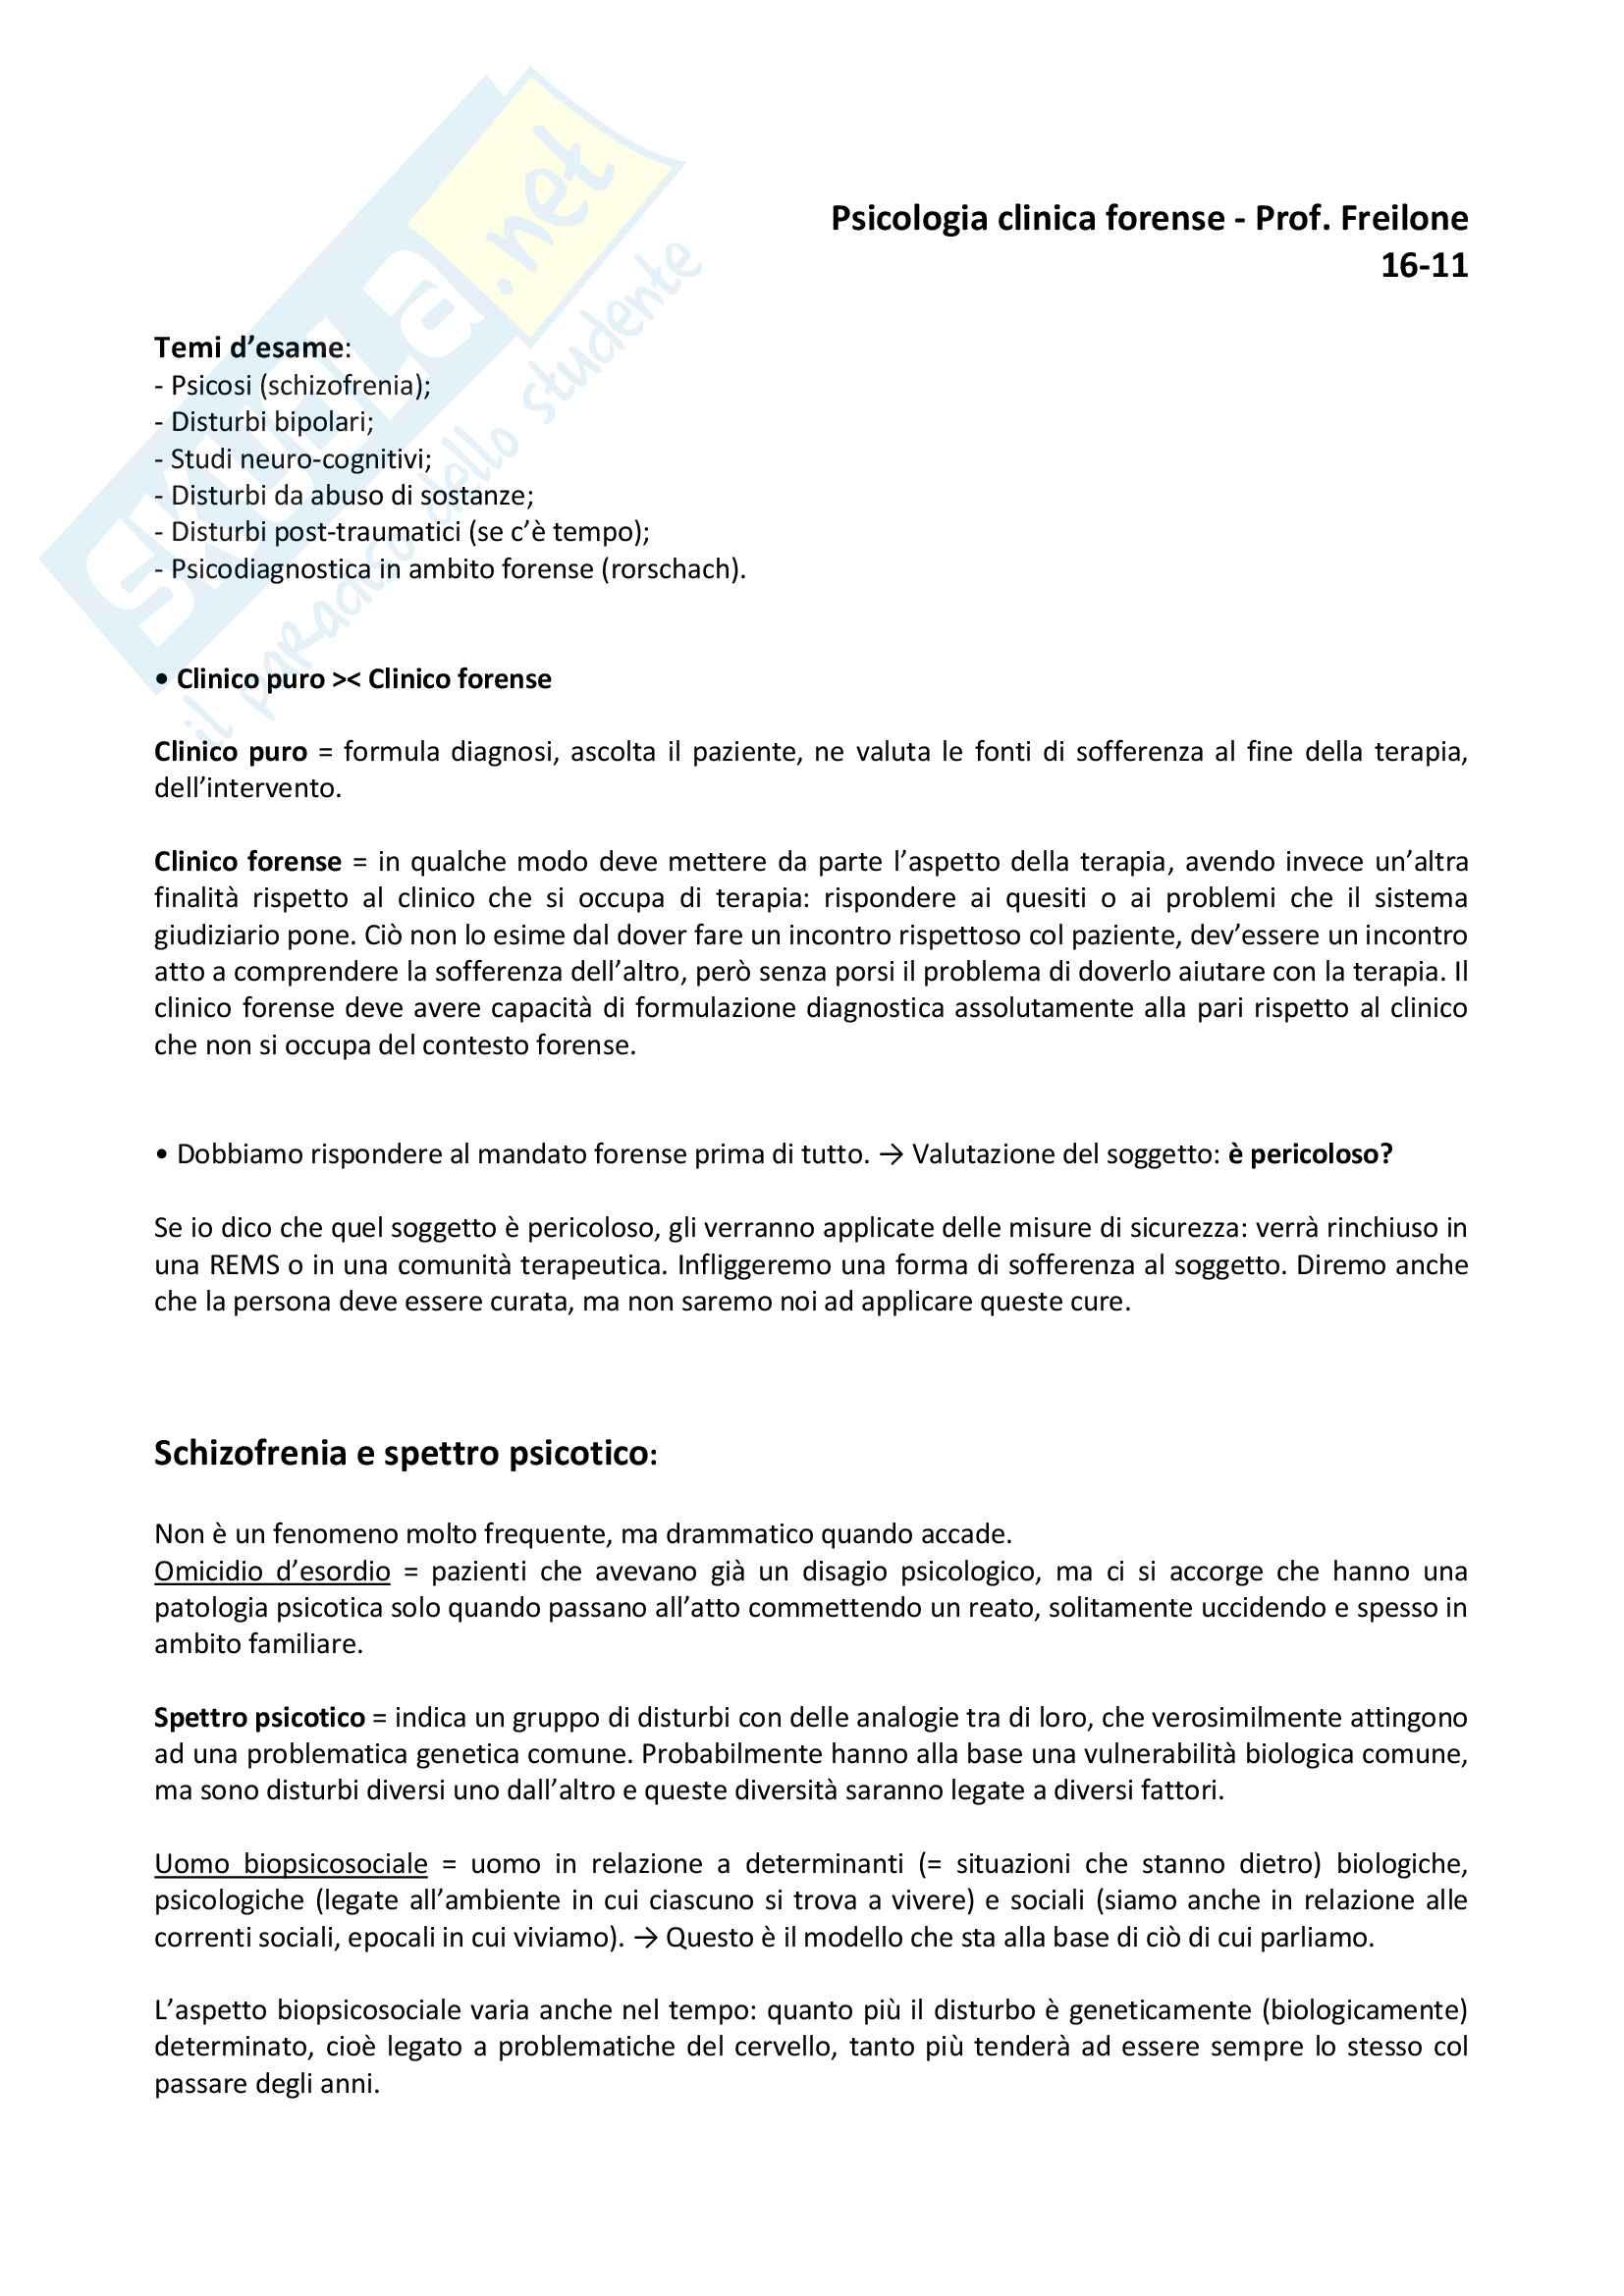 Appunti psicologia clinica forense - Professor Franco Freilone